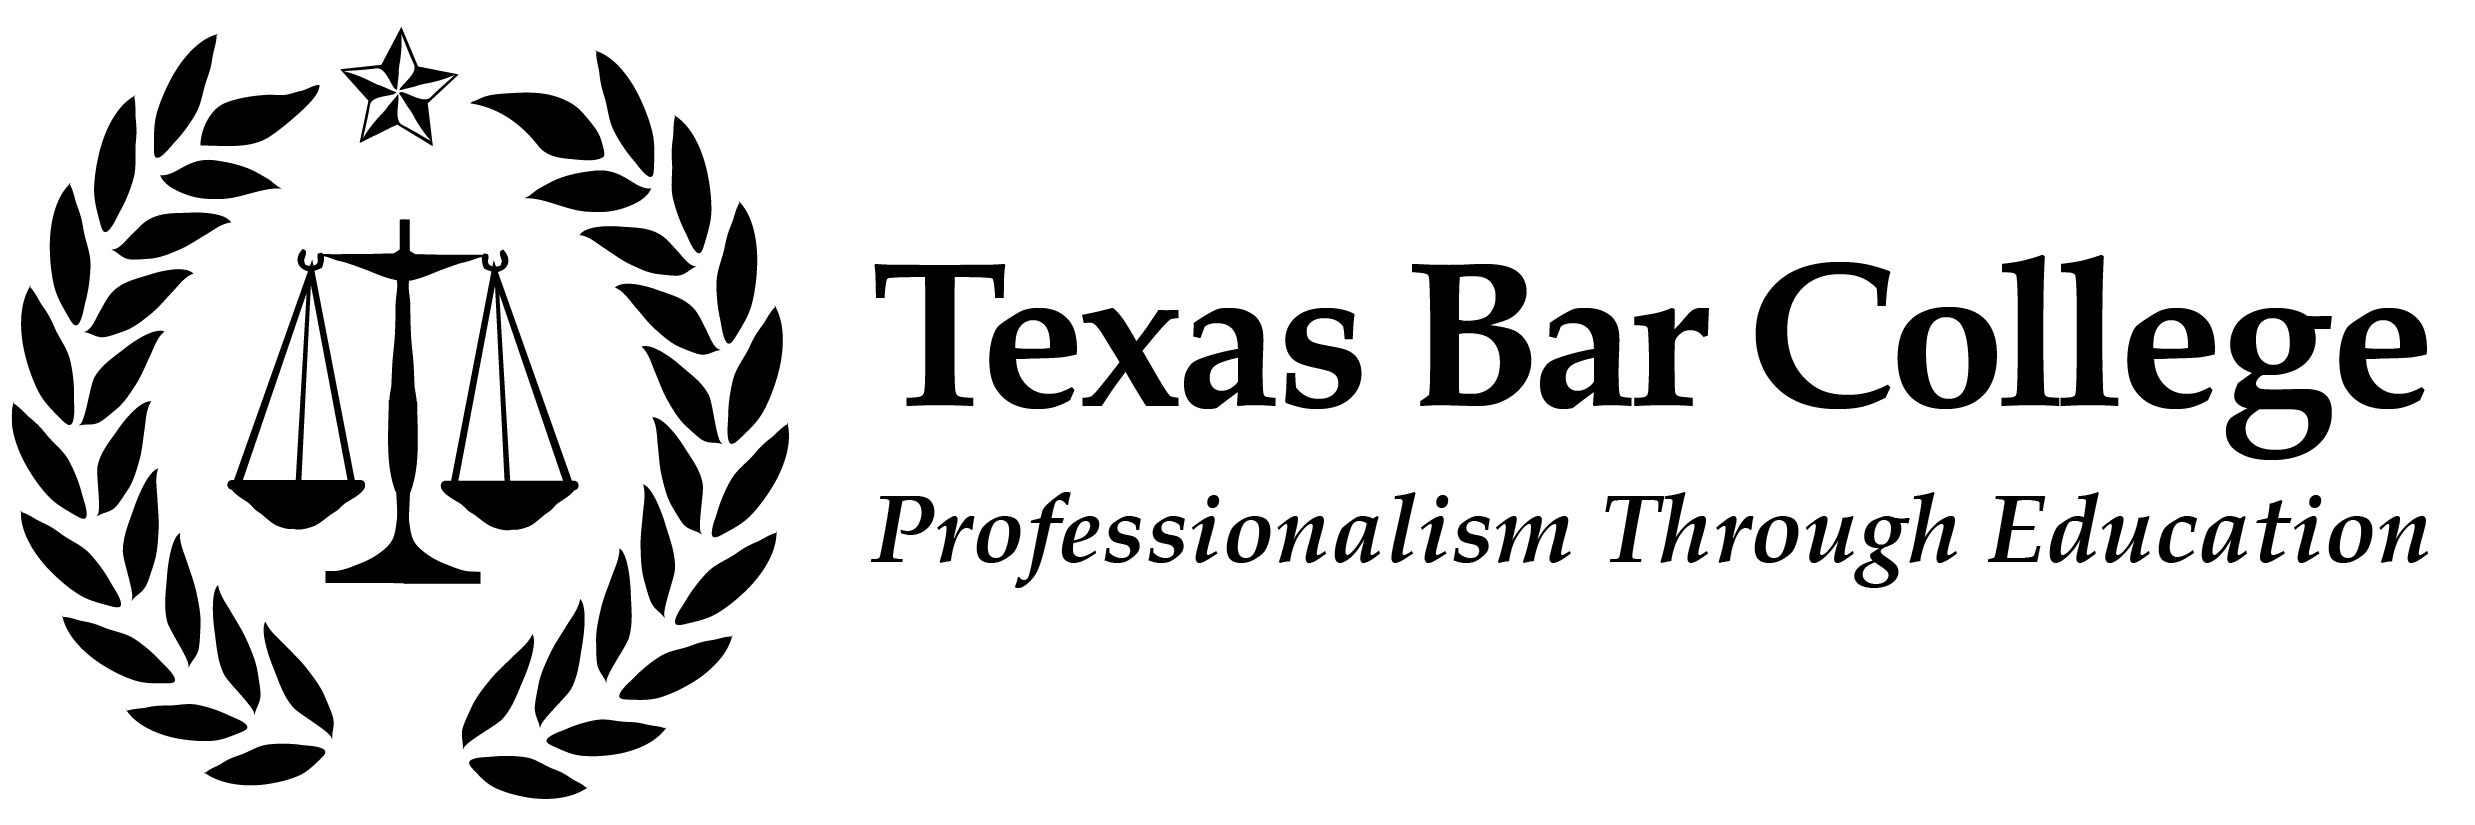 Texas Bar College Logo